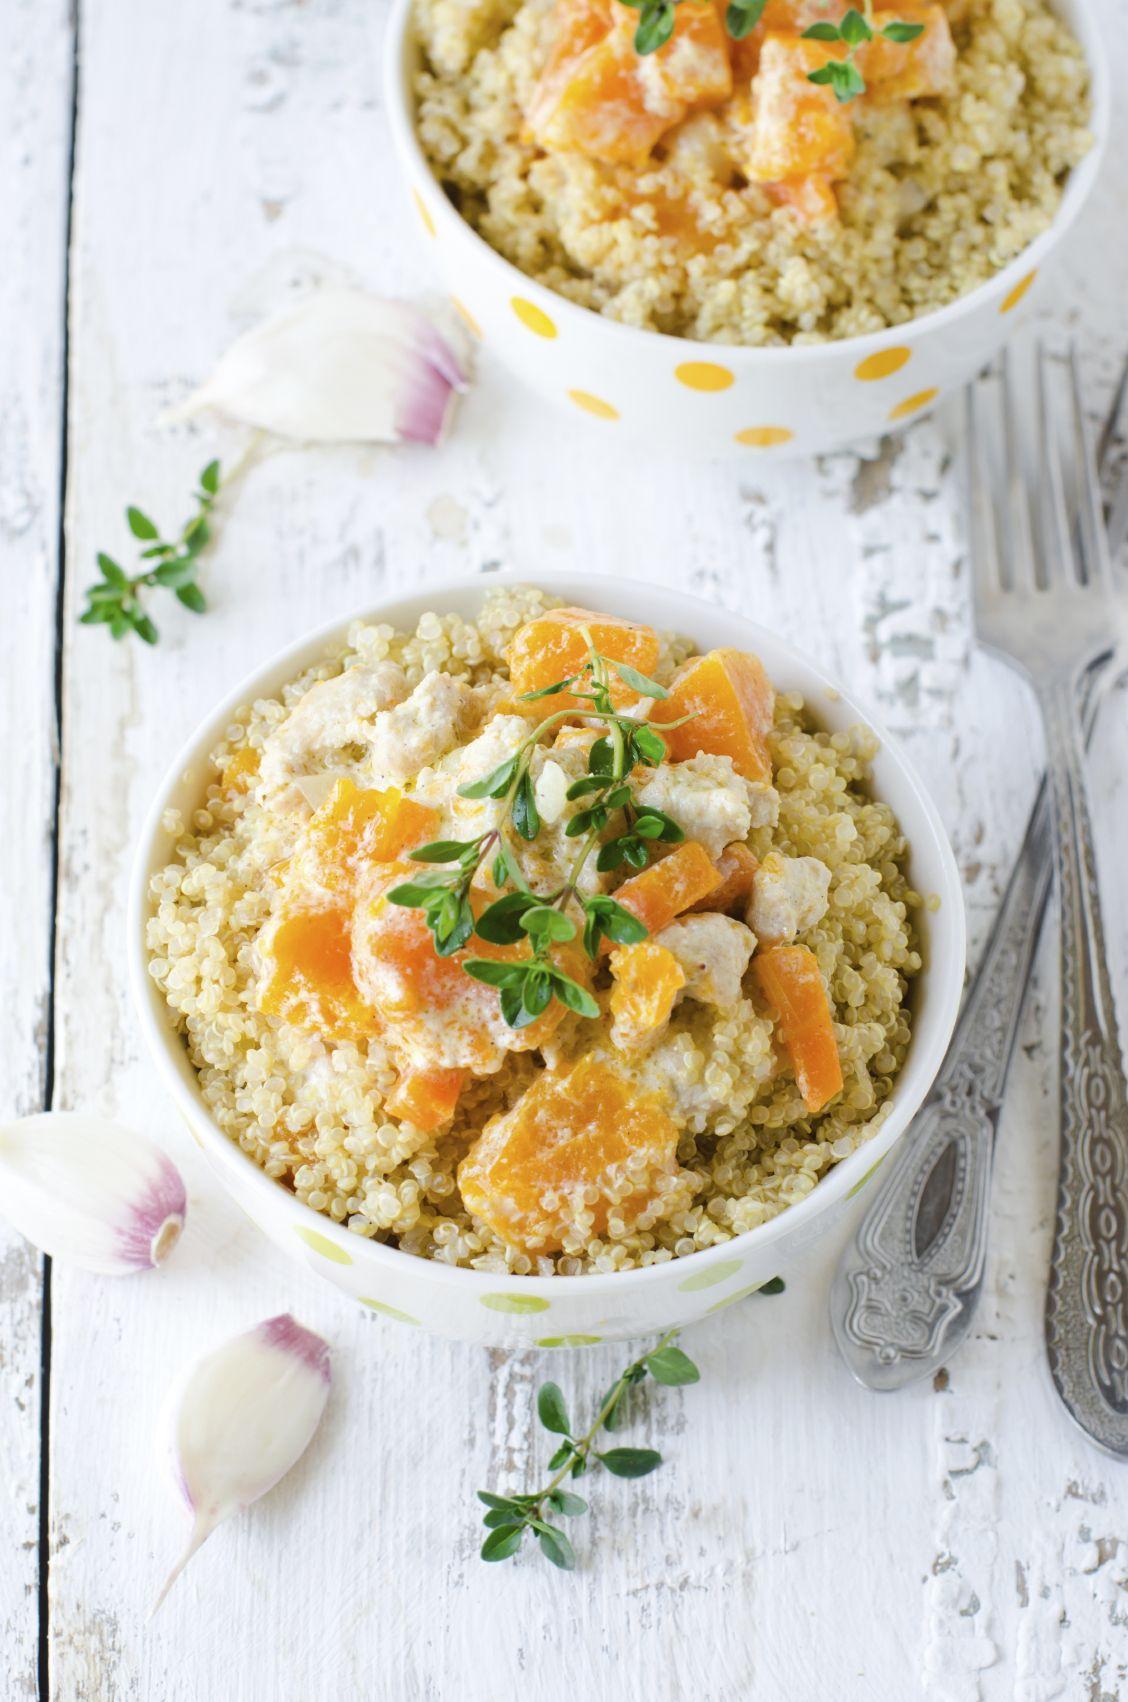 Quinoa s pečenou tekvicou | Svet zdravia - Oficiálne stránky